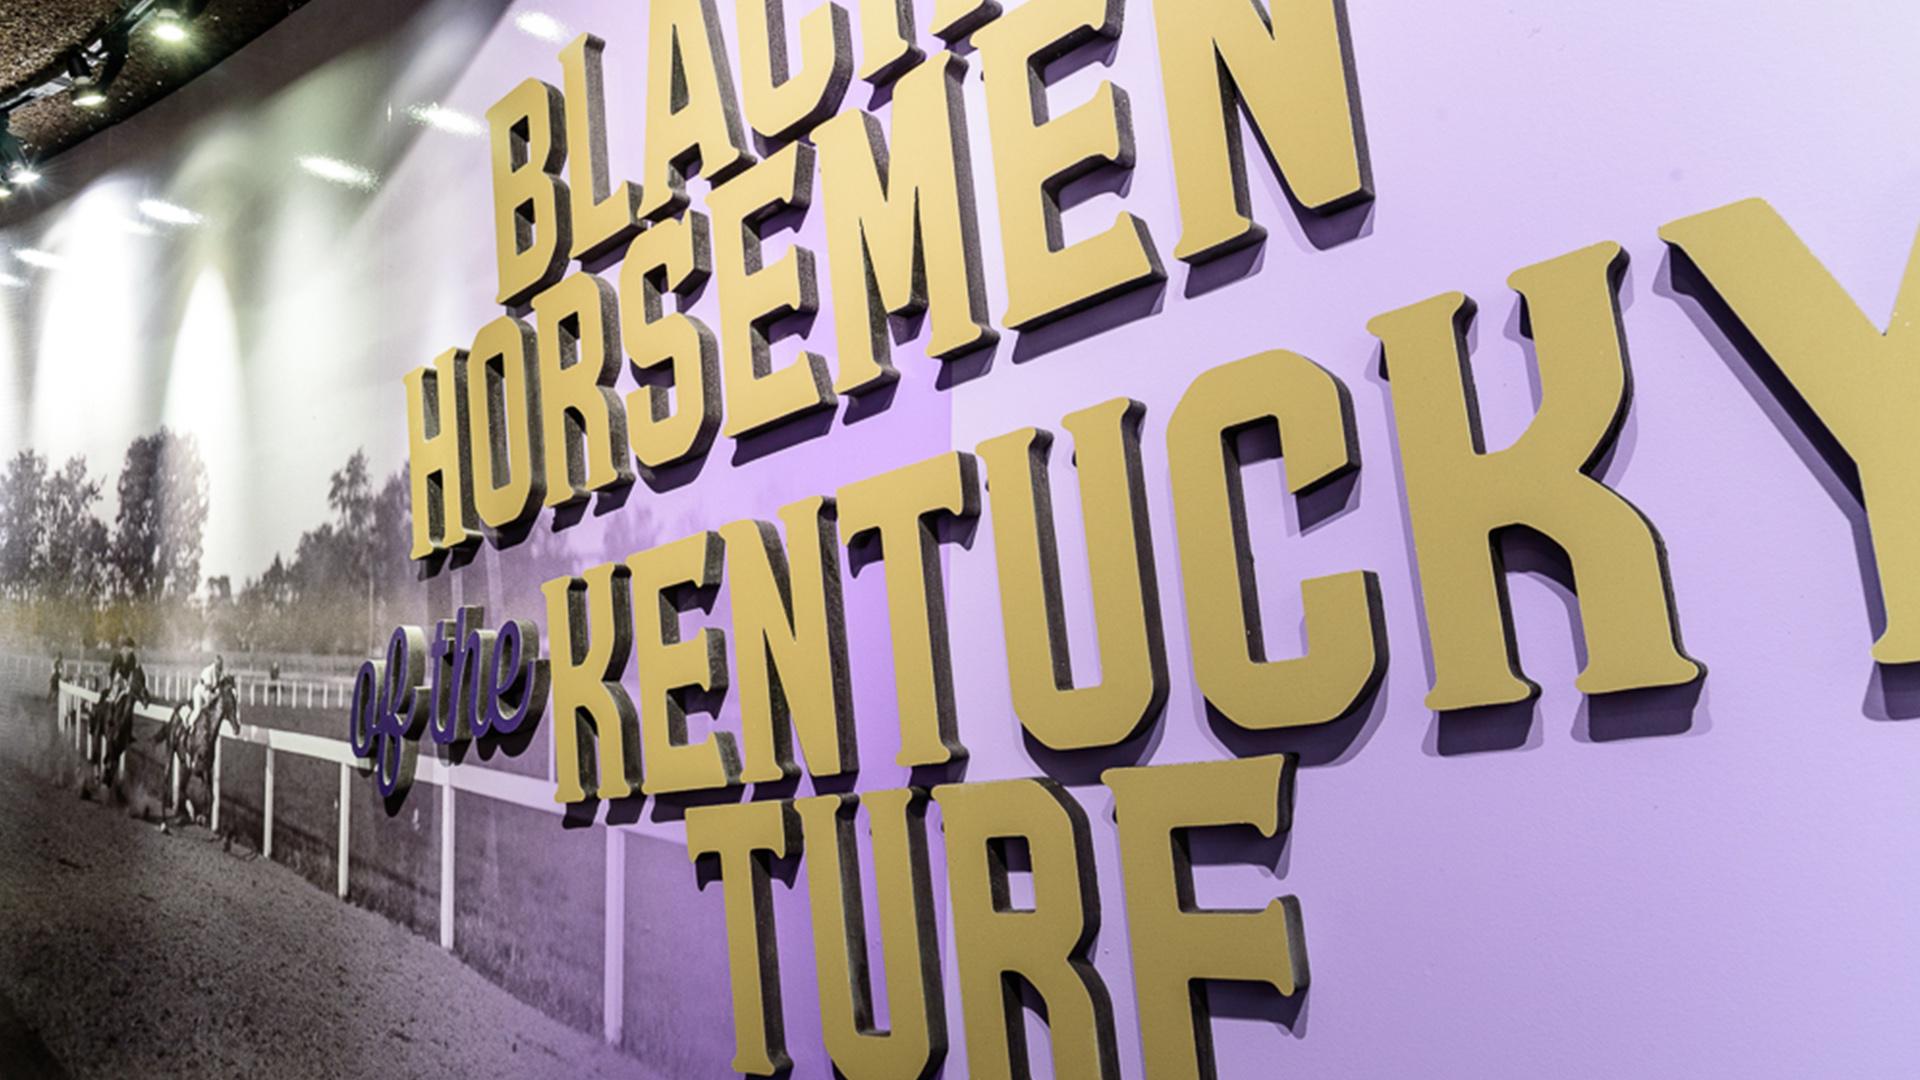 Horsemen 3D wall graphic